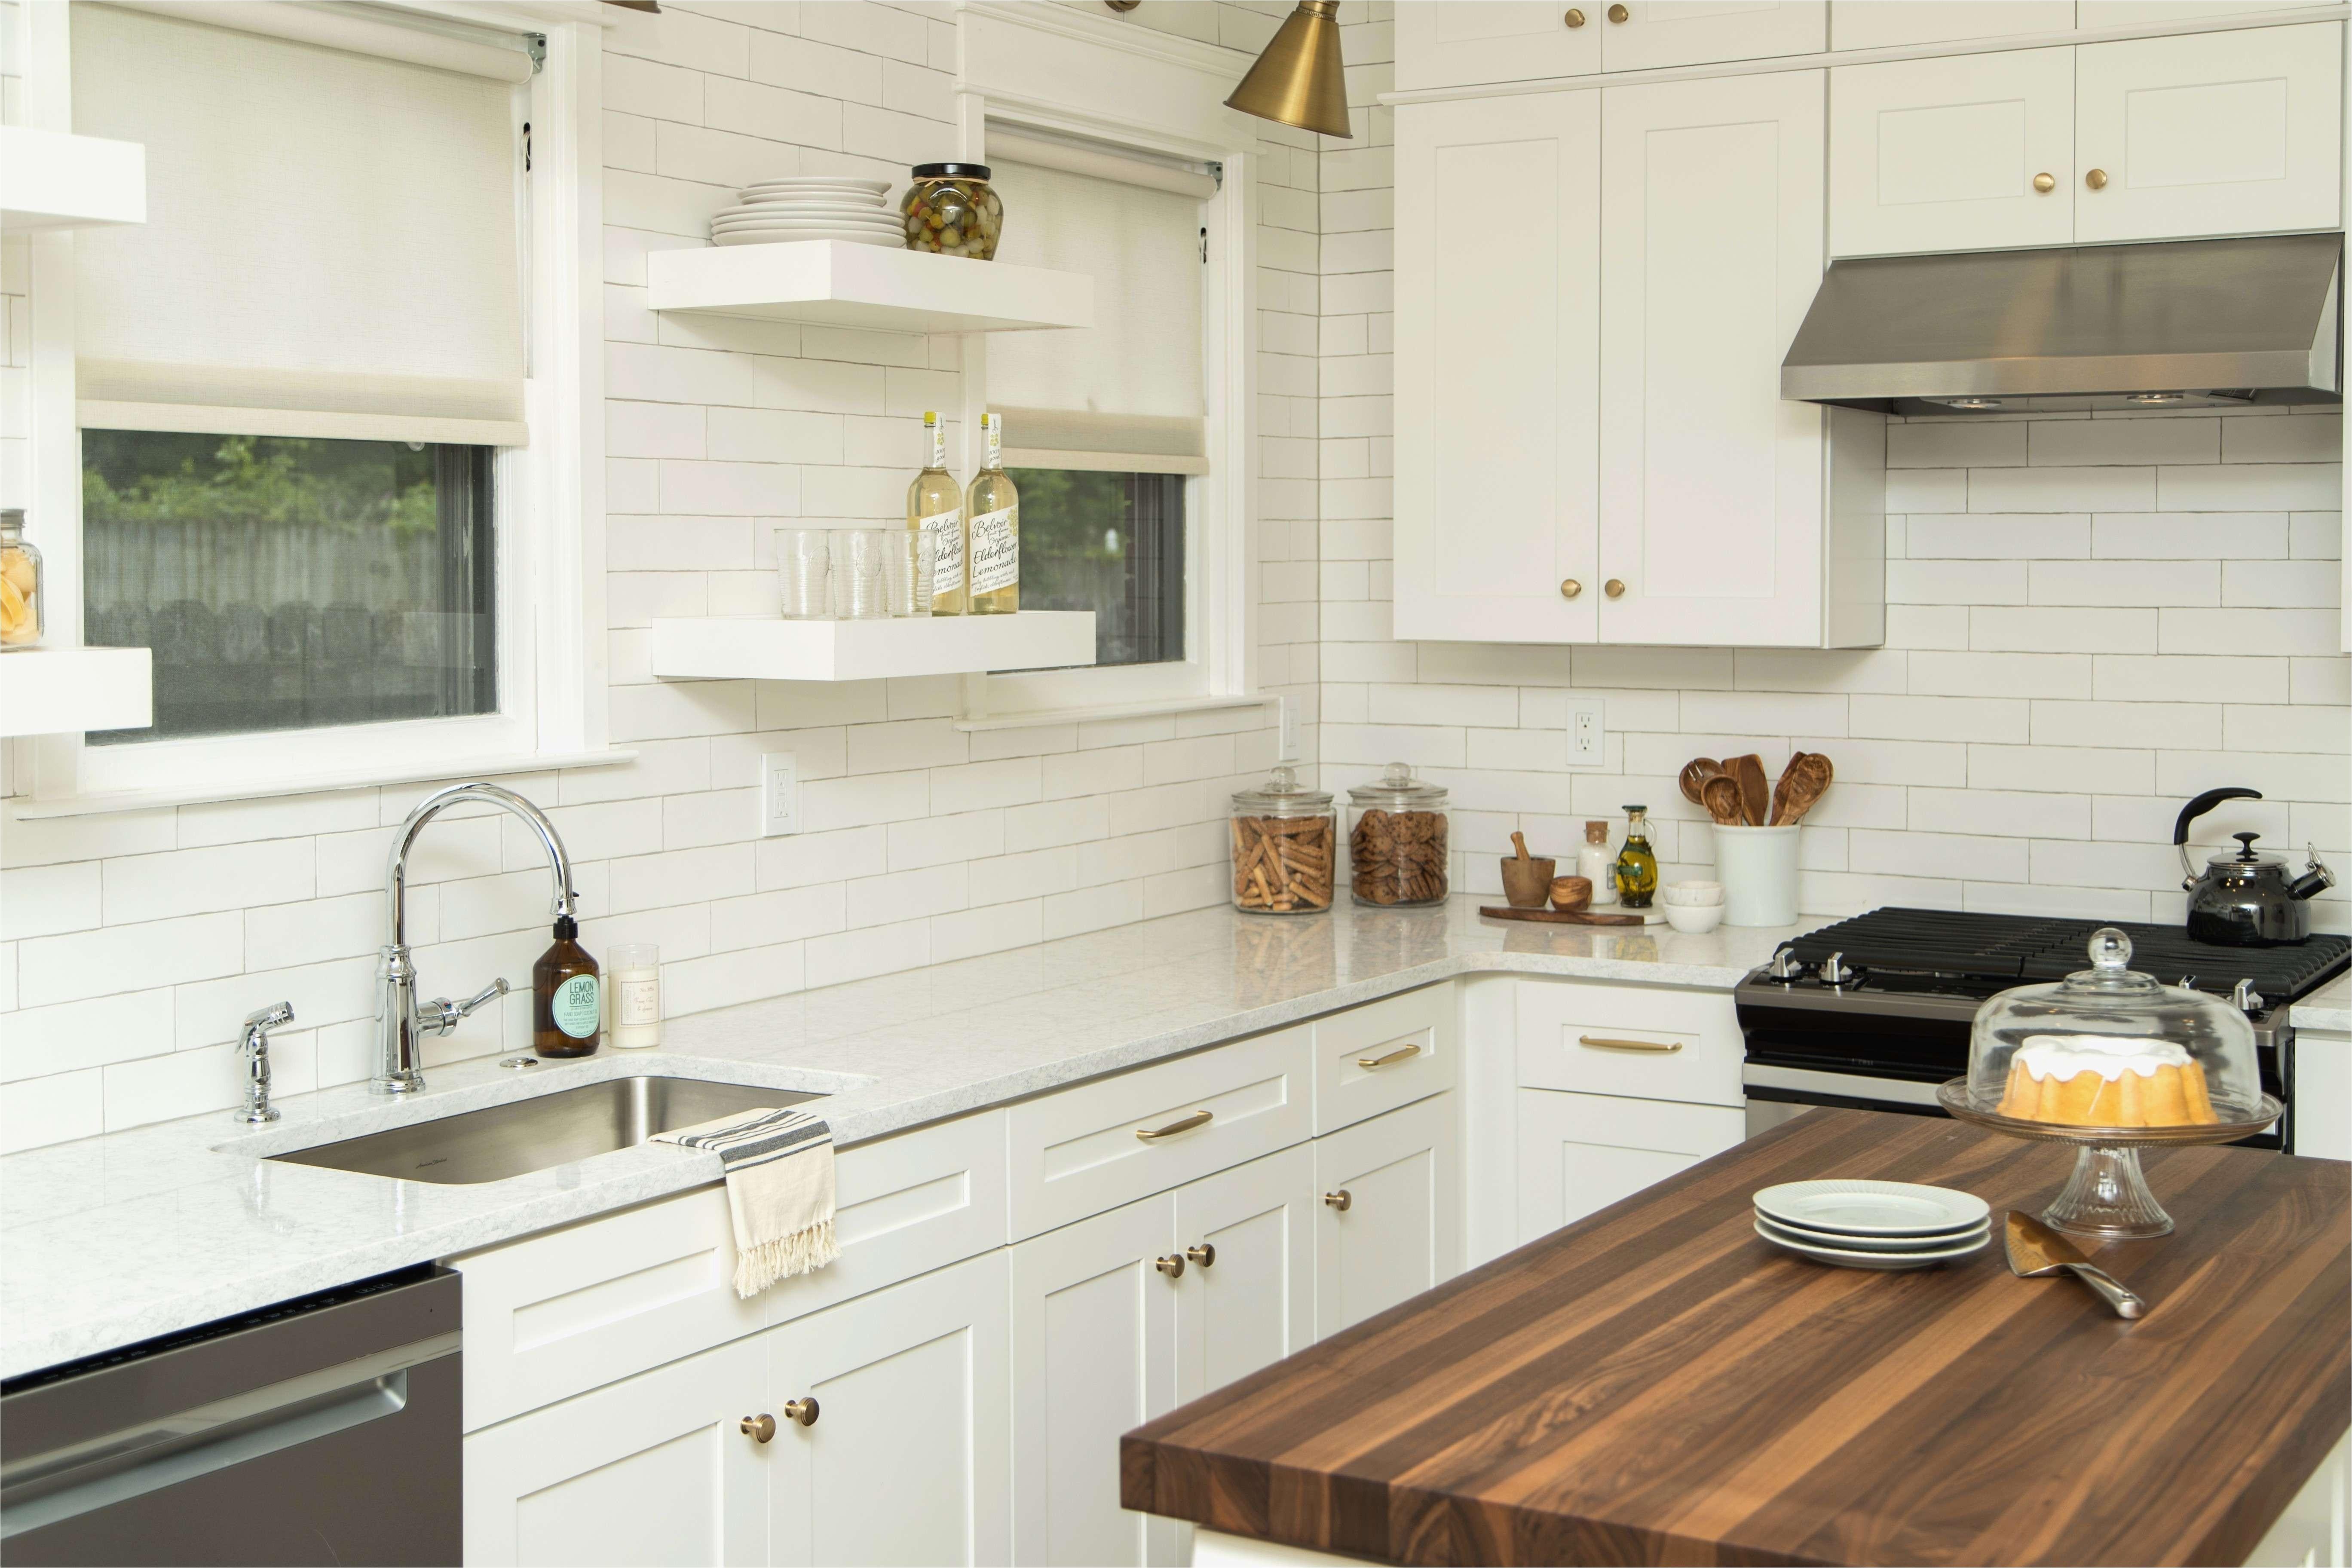 Interior Design Kitchen Elegant Morden Kitchen Design Kitchen Belvoir Kitchens Belvoir Kitchens 0d